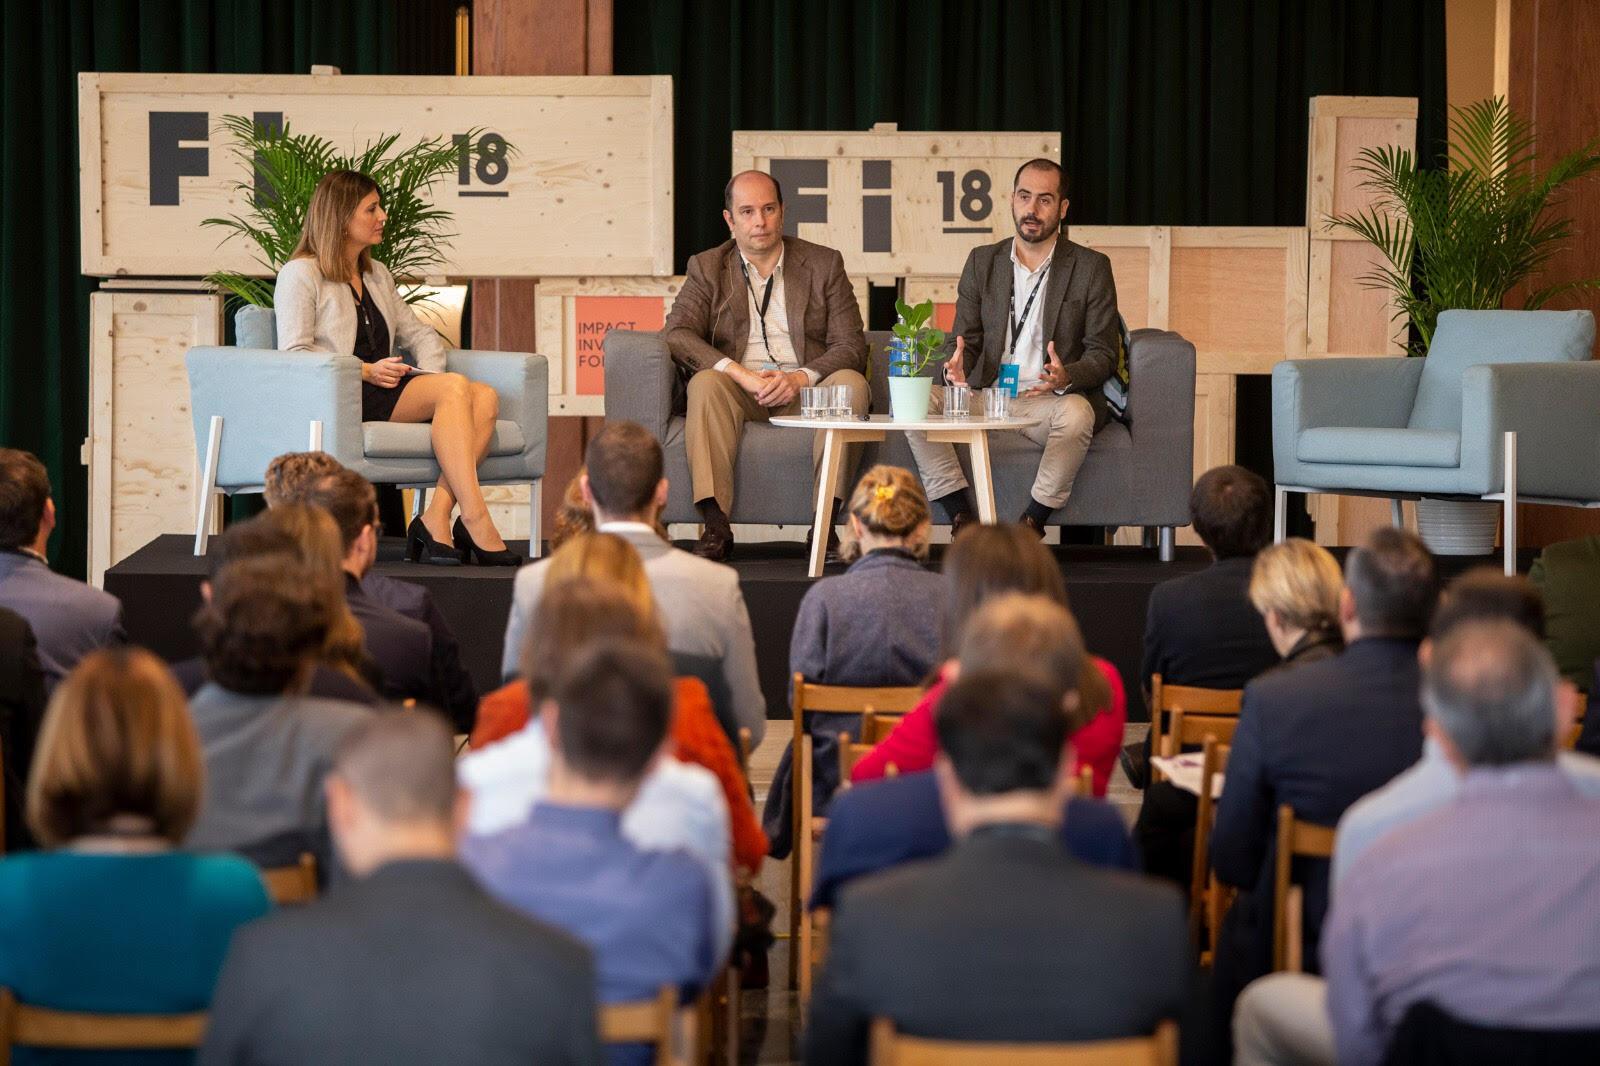 Madrid acoge el Foro de Inversión de Impacto Fi19